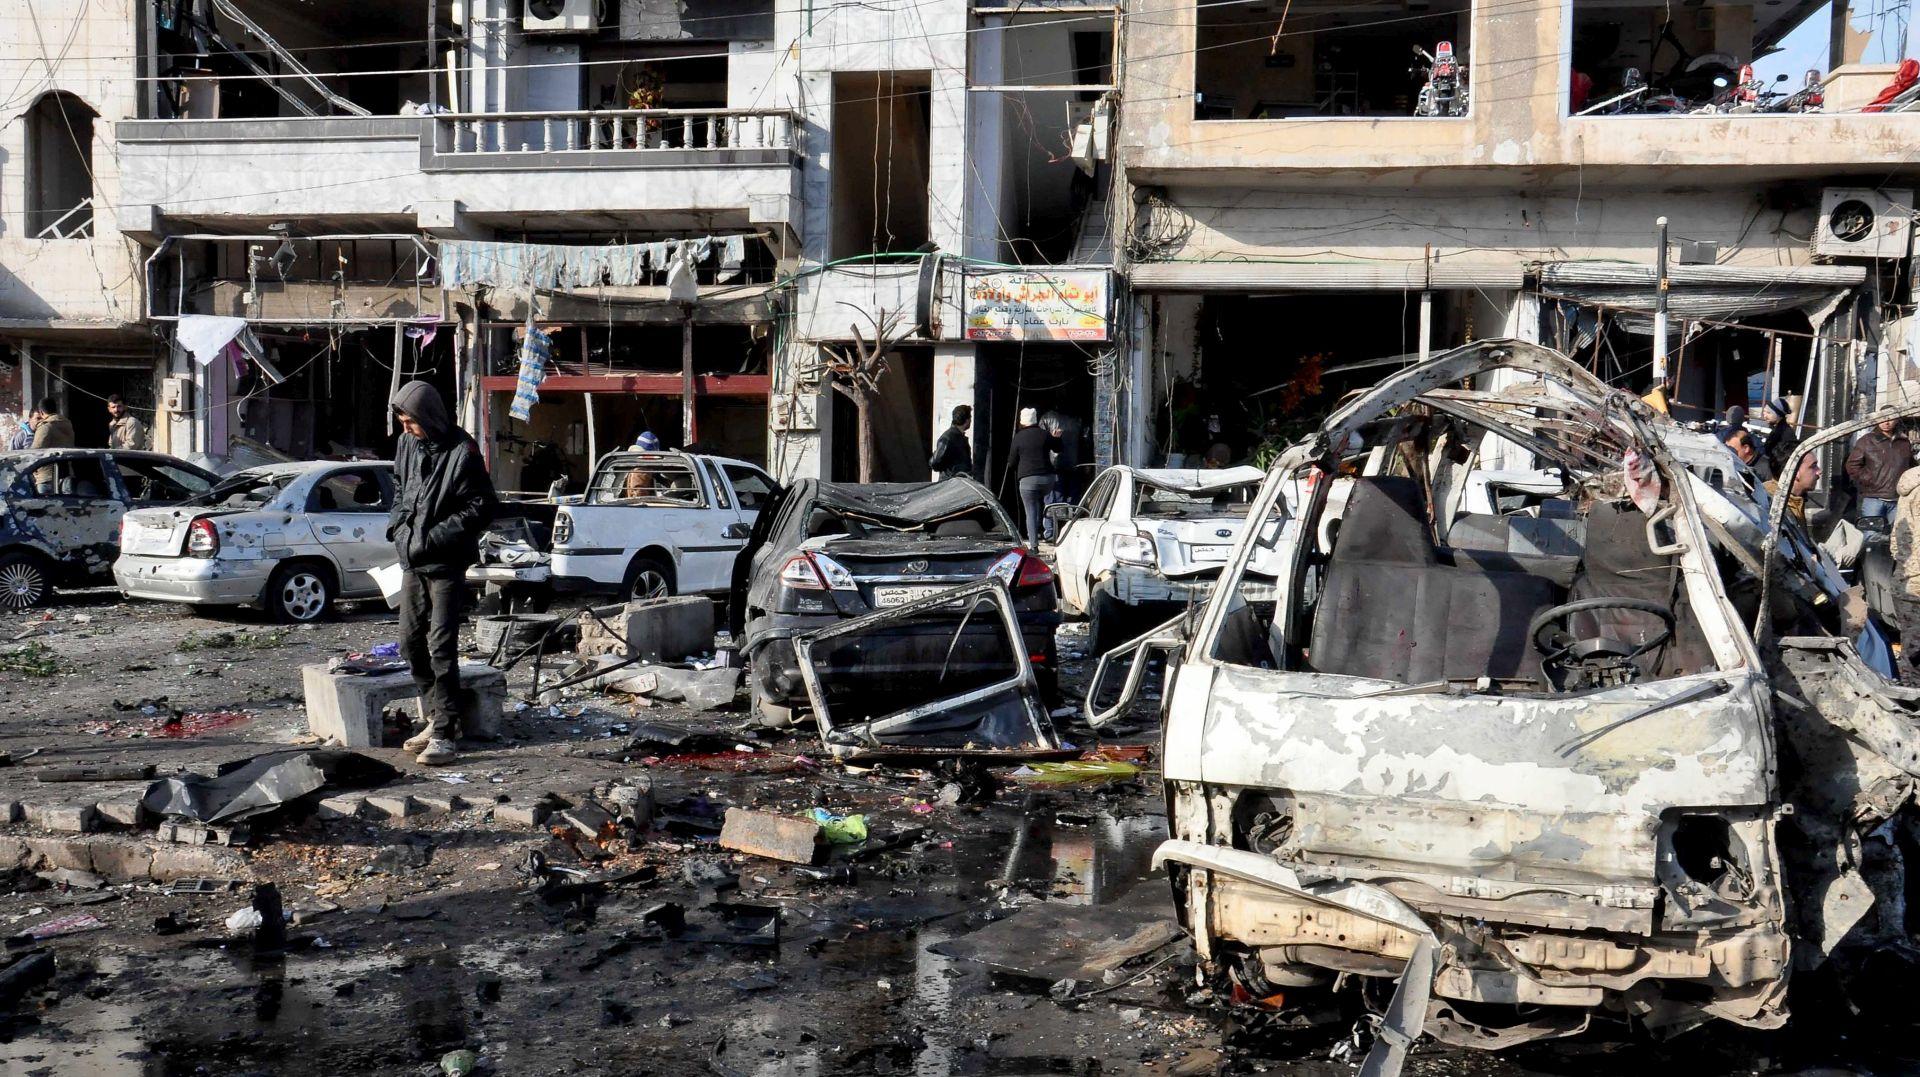 NAPADI AUTOBOMBOM: Najmanje 46 osoba poginulo u Homsu